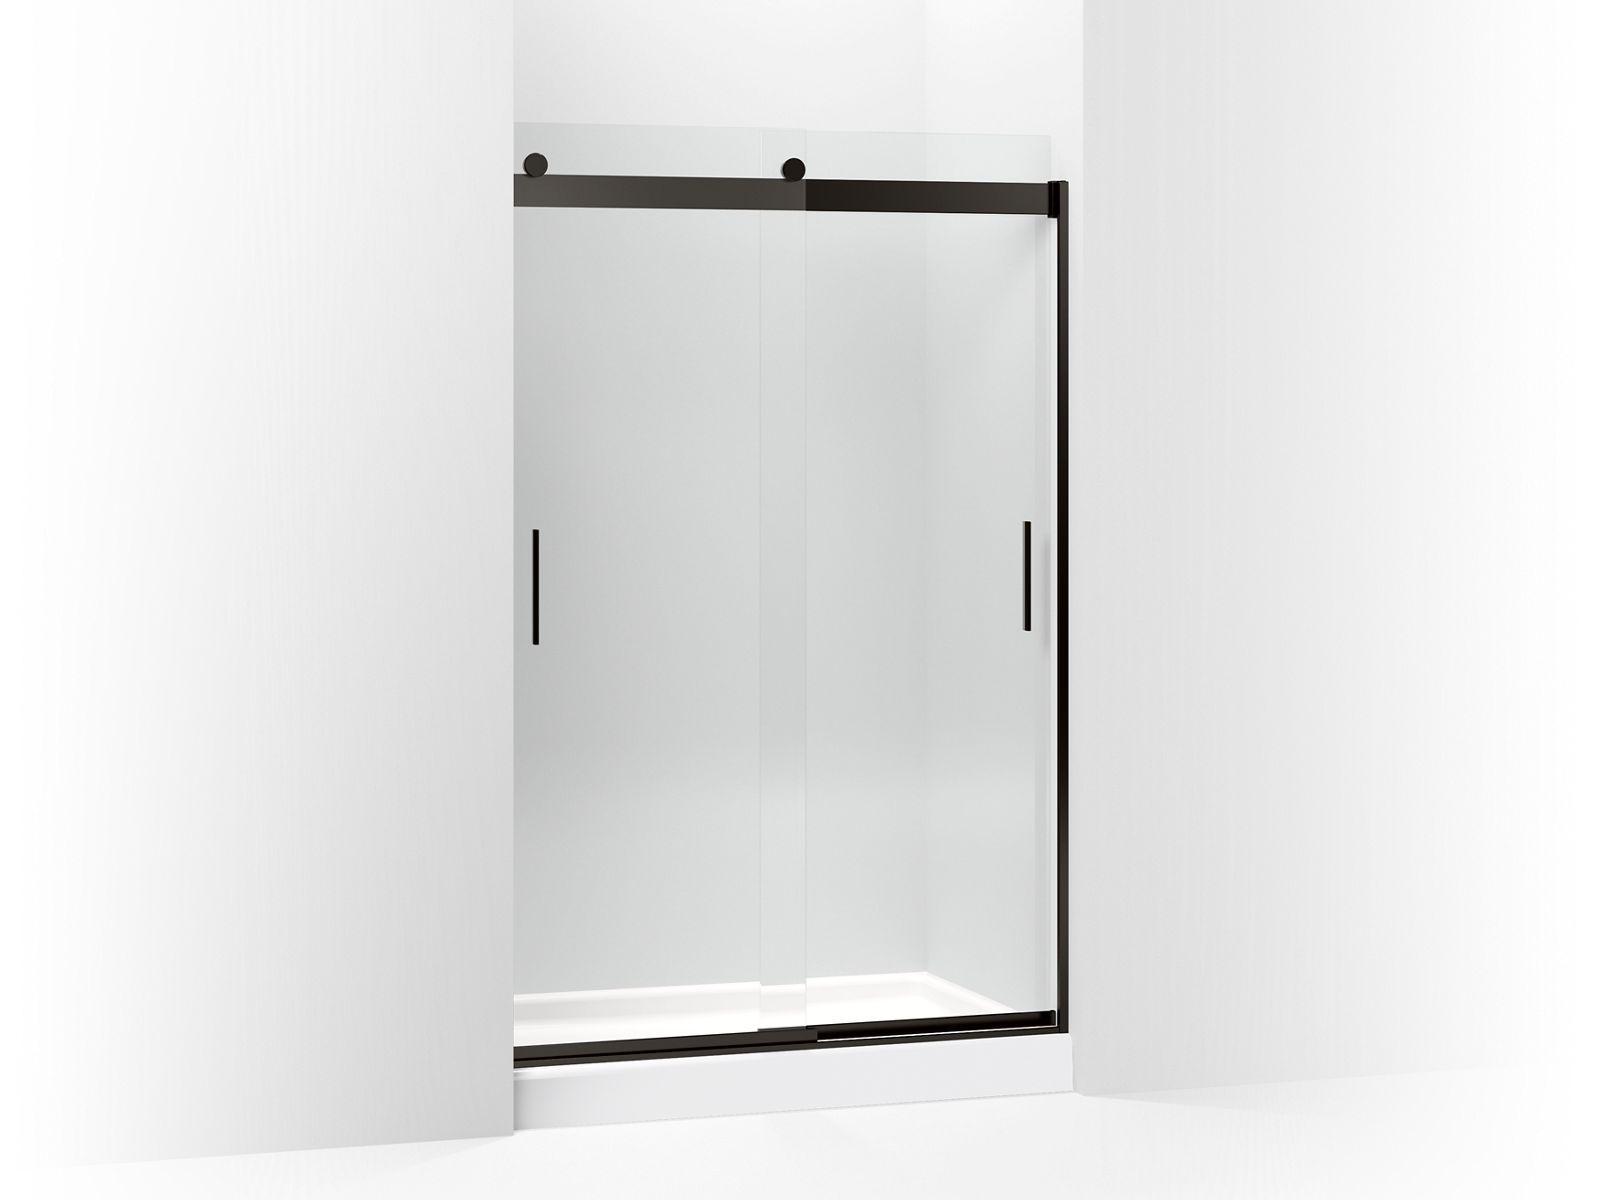 Levity Frameless Sliding Shower Door K 706010 L Kohler Vermont